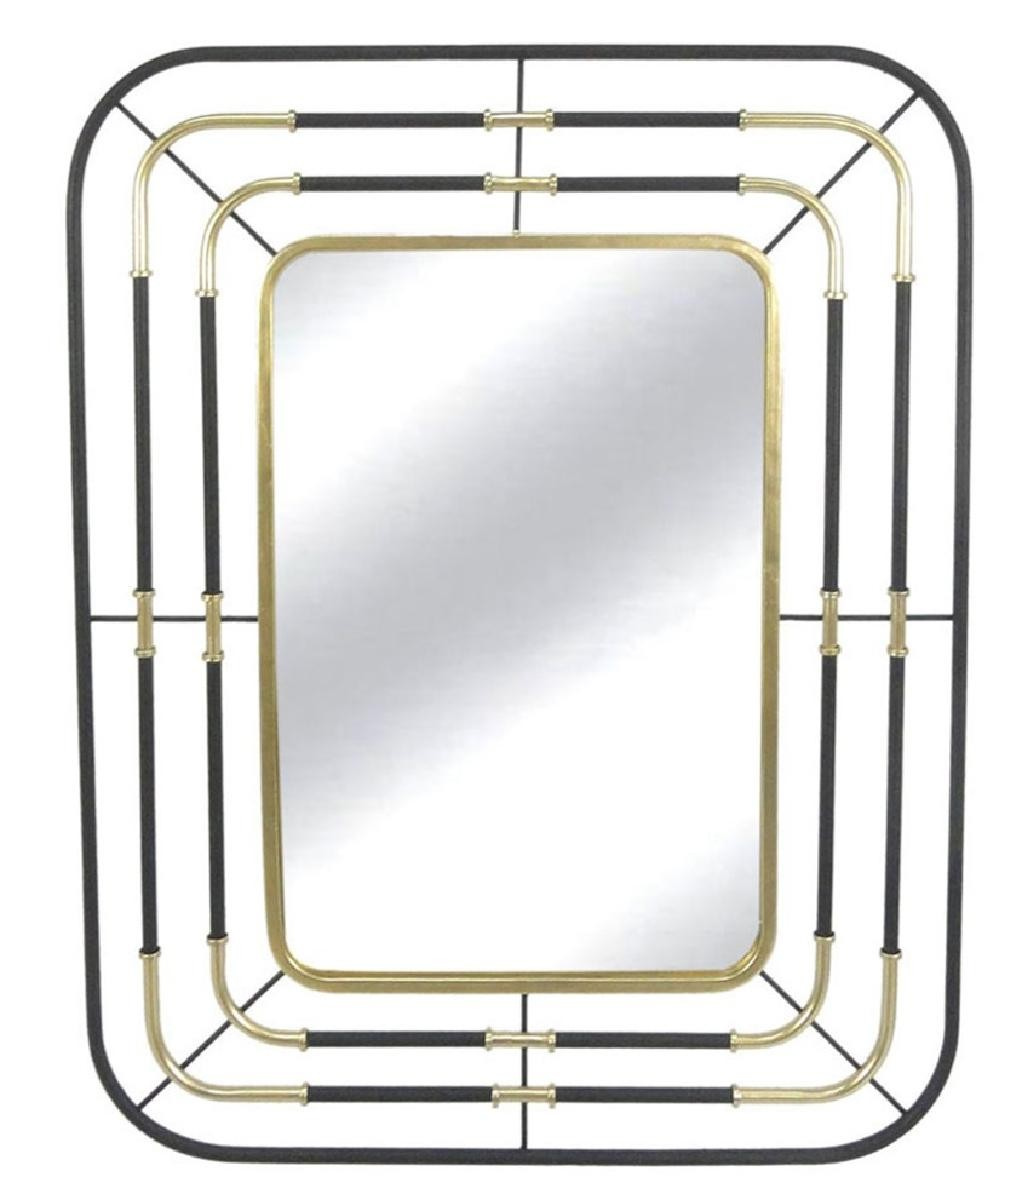 miroir metal tubo 56x71,5x1,5 cm